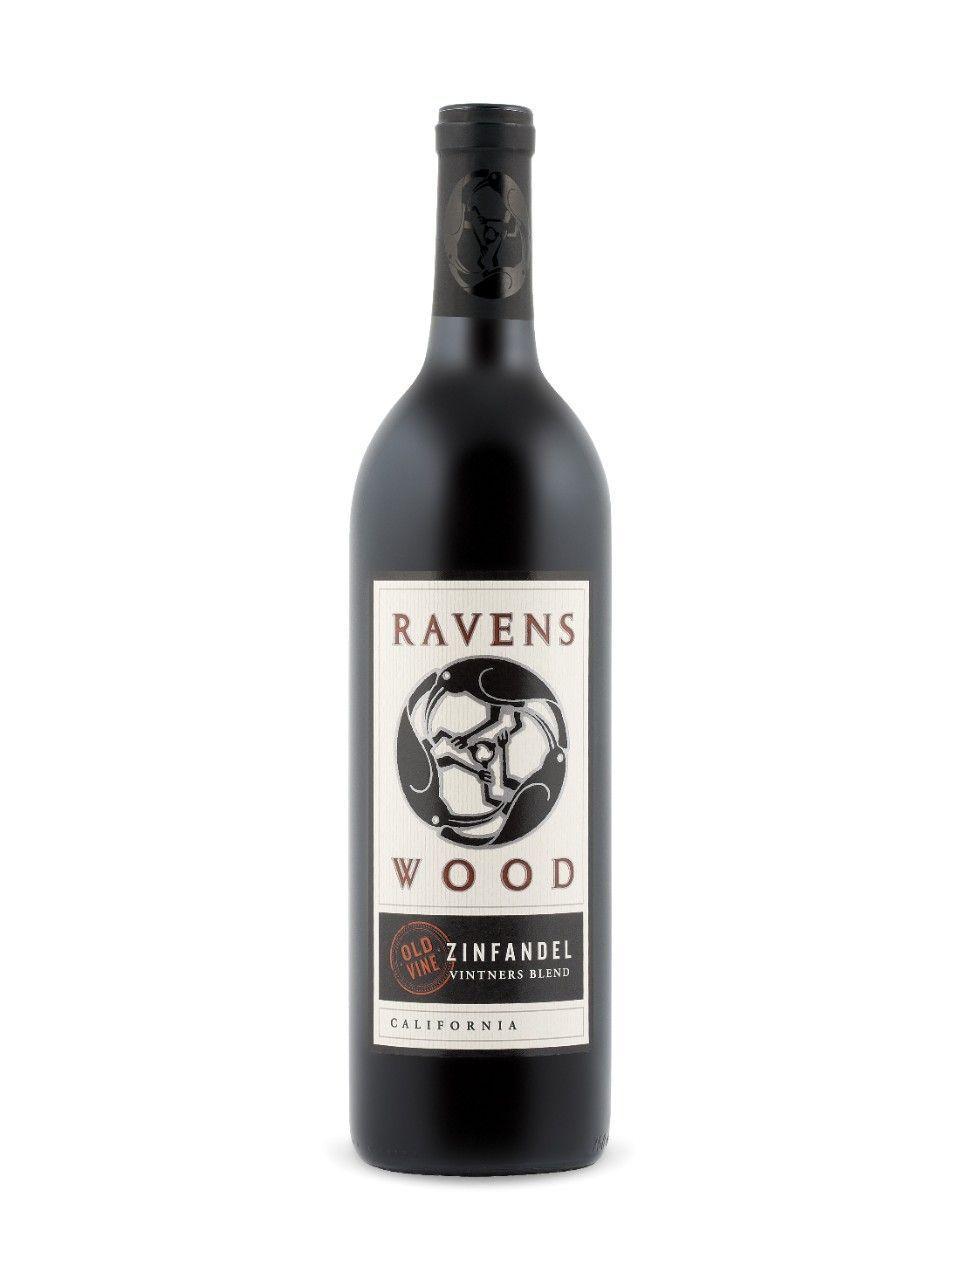 c28dfe838a8a1893d44721ced4101e6c - How To Get Red Wine Out Of White Blanket